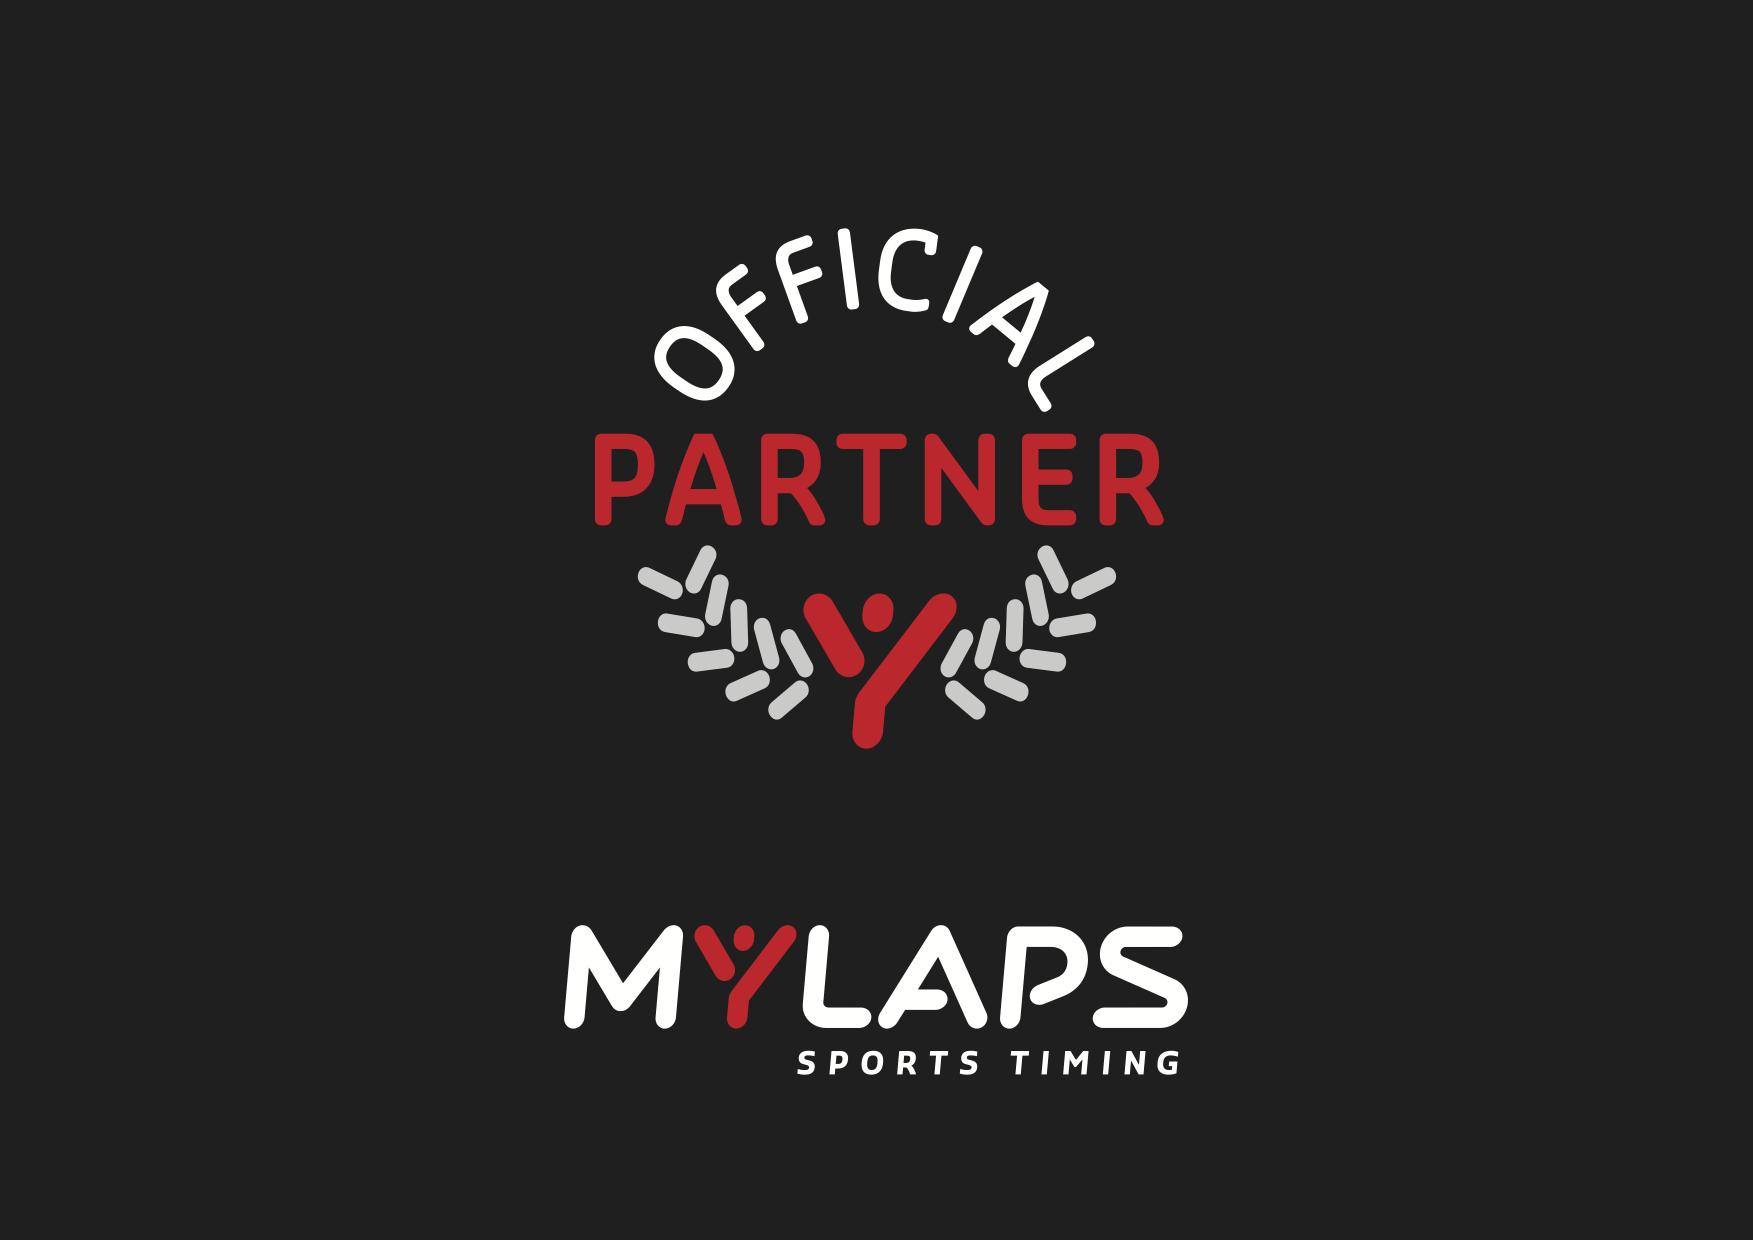 MYLAPS_Sports_Timing_Partner_logo_Black_PDF_LR.png